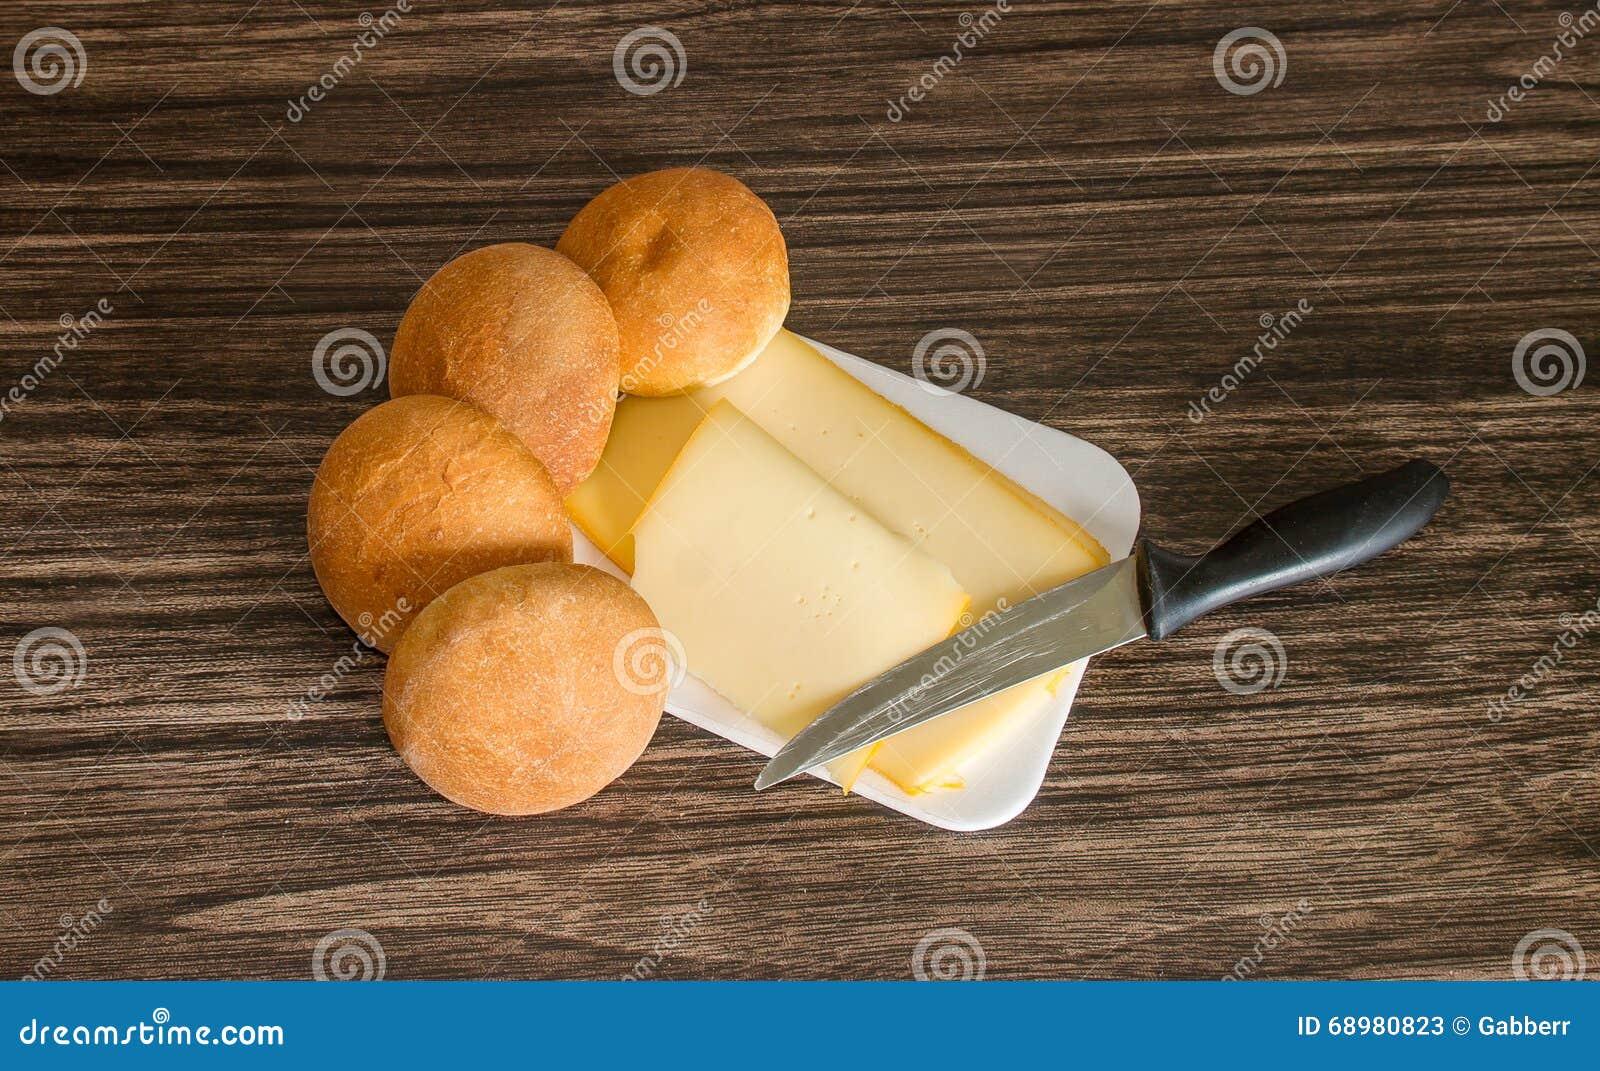 乳酪、小圆面包和刀子